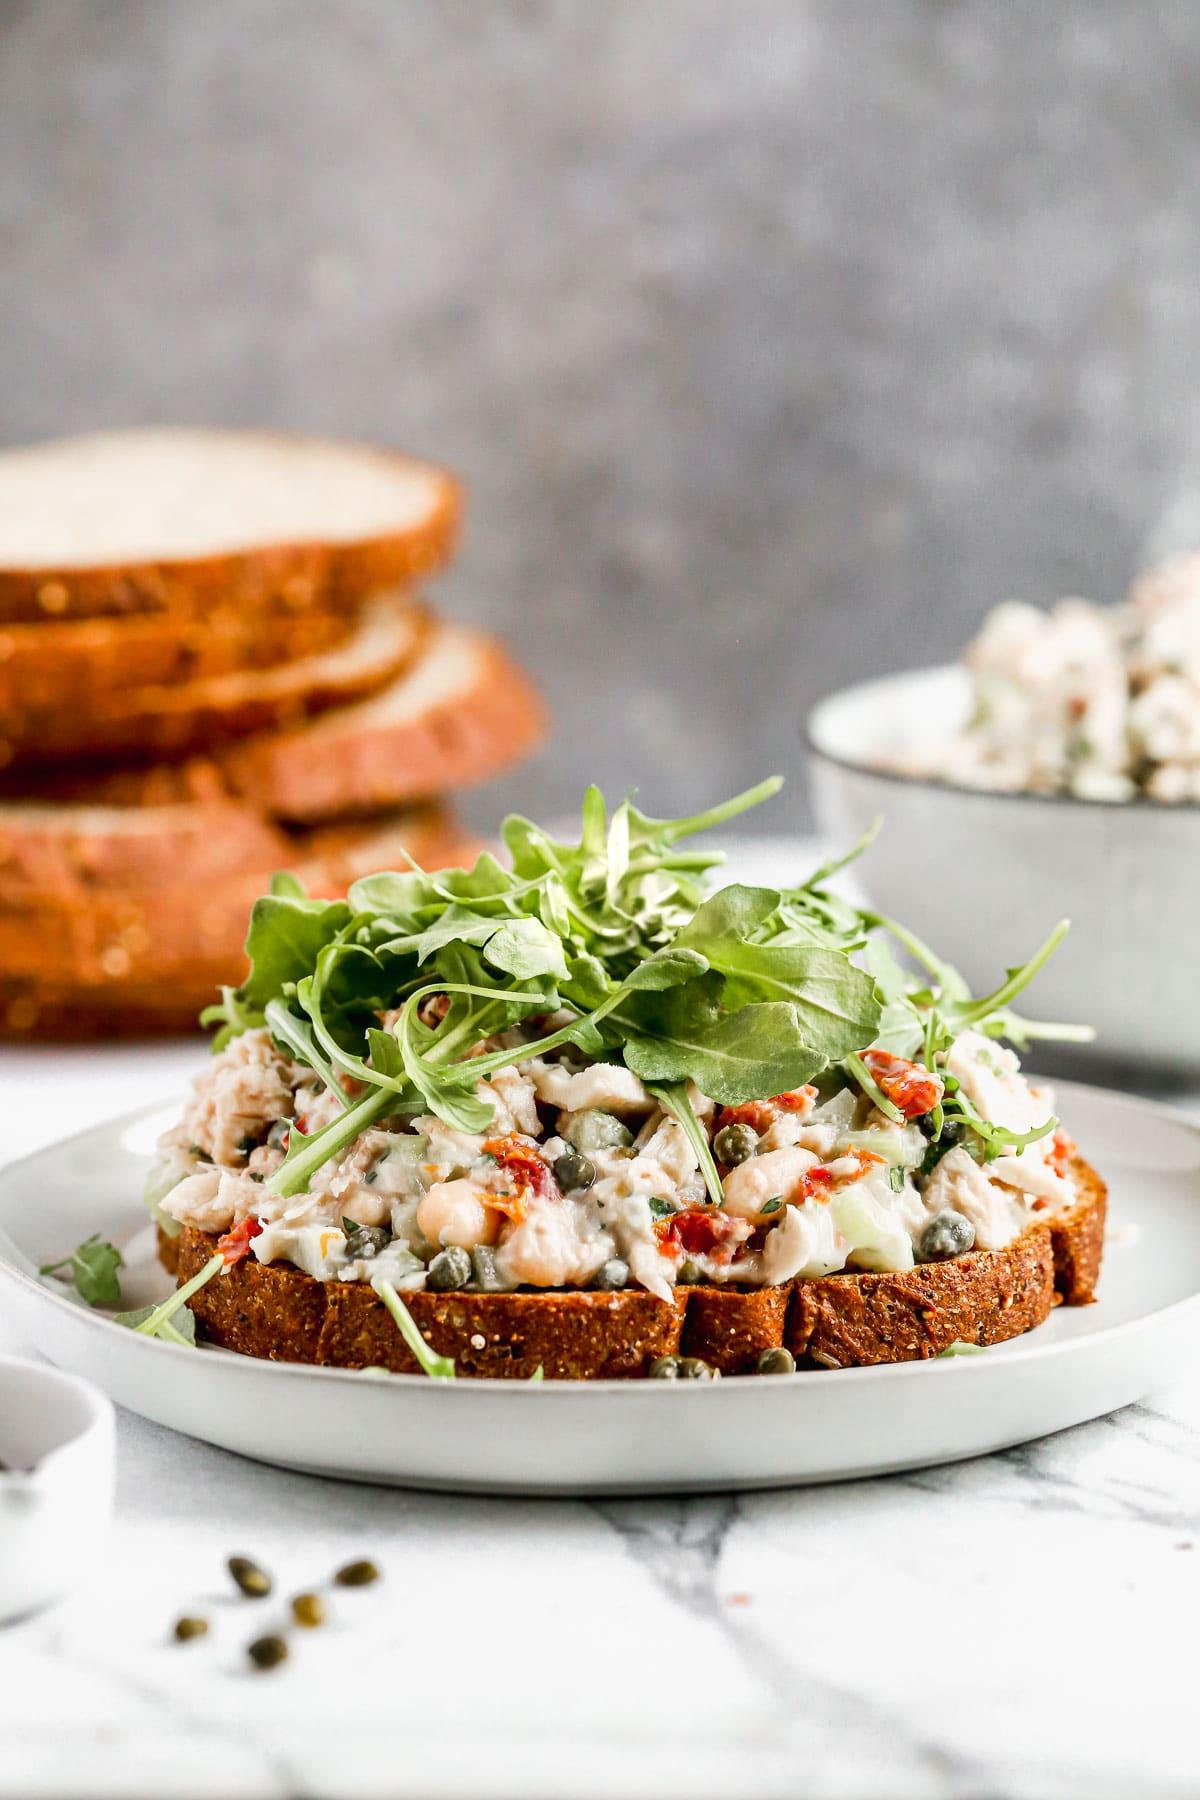 Un plato con un sándwich de atún italiano